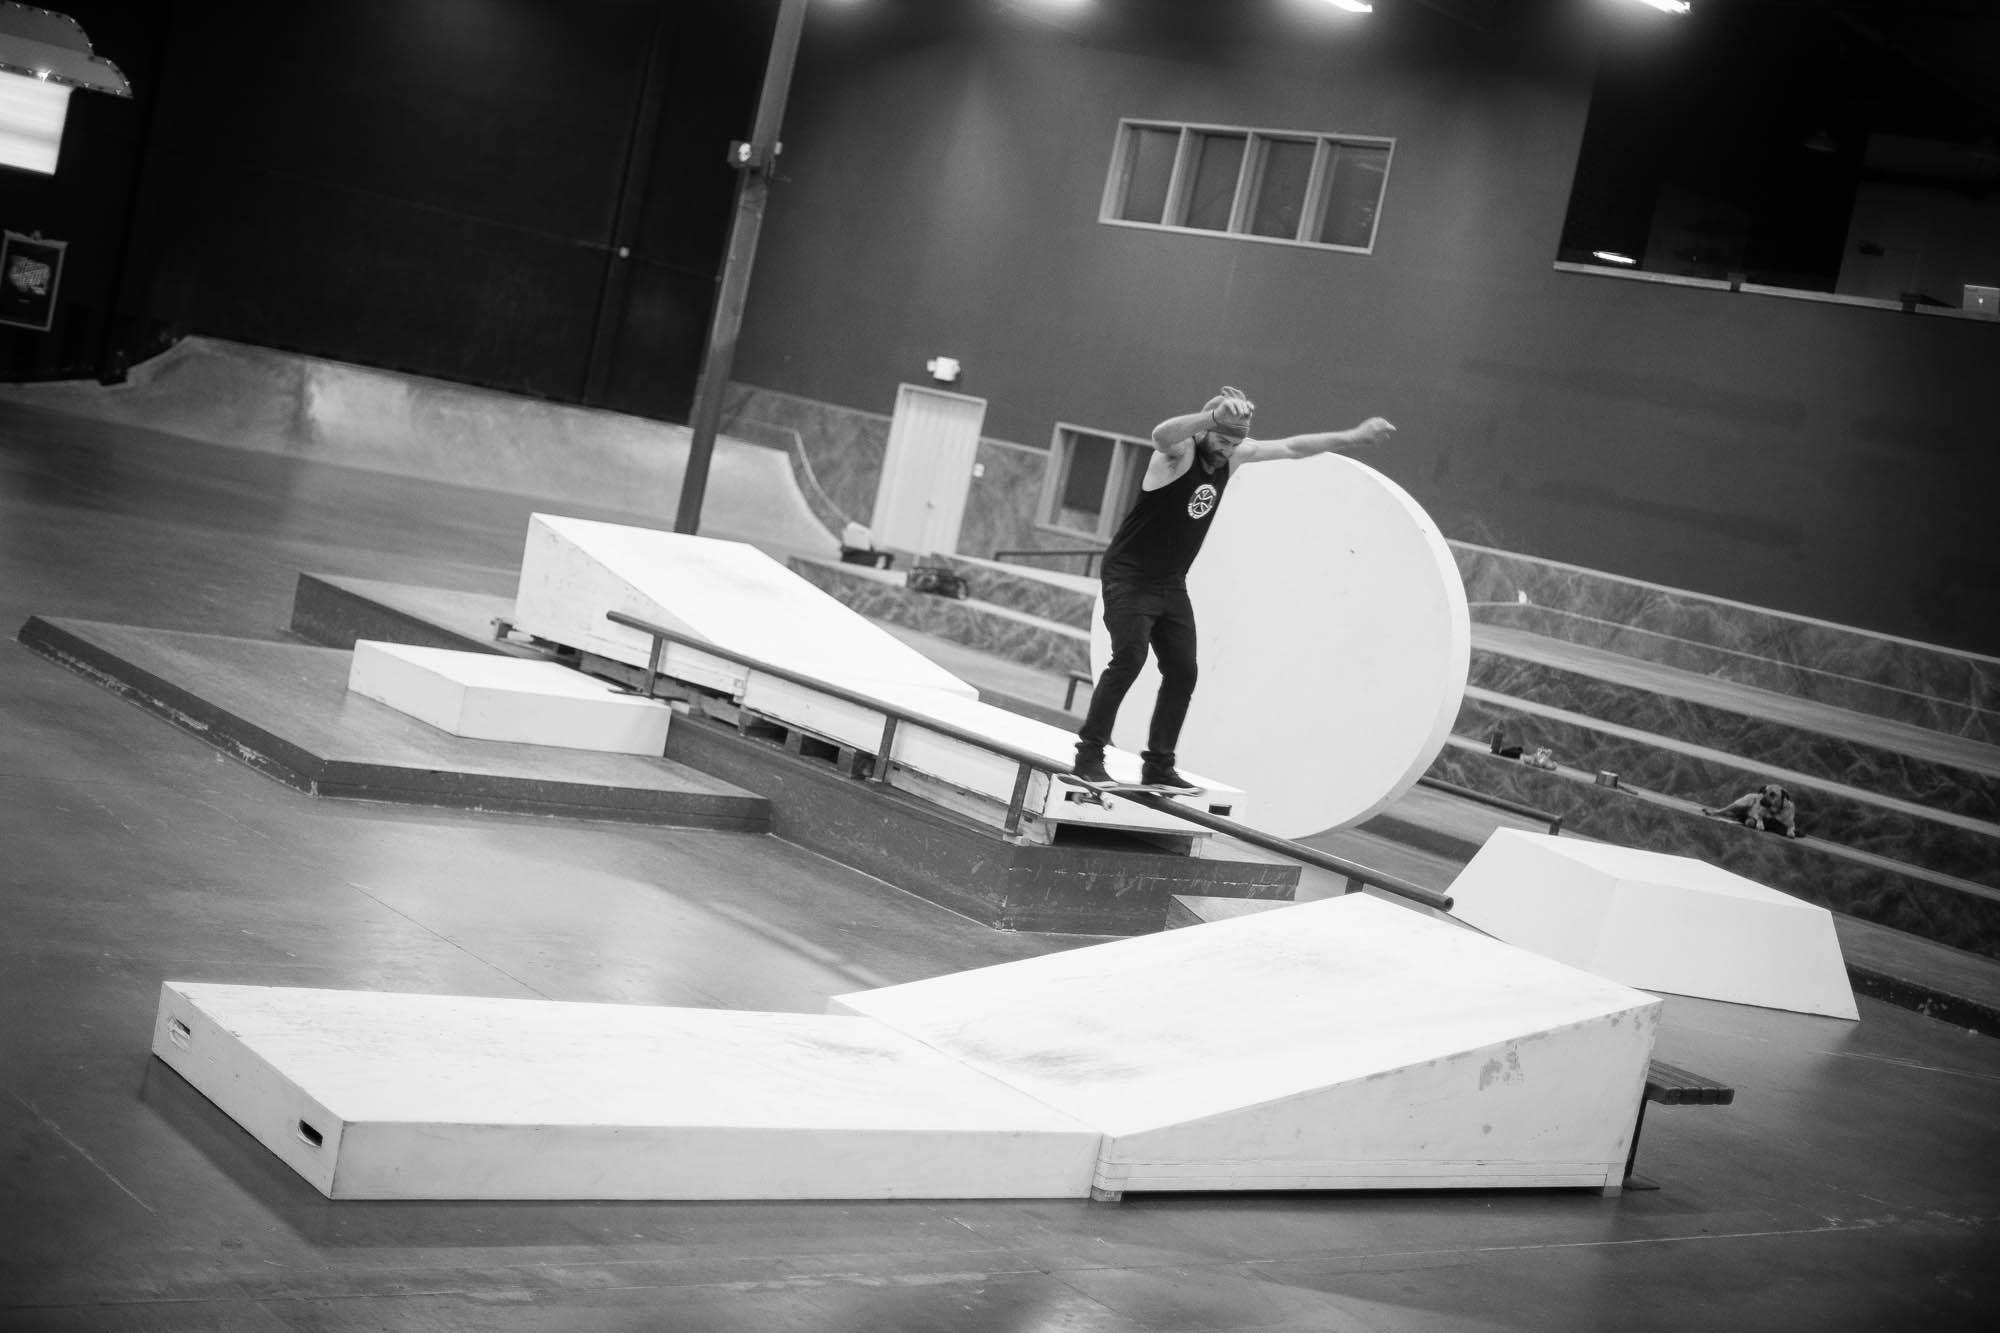 Almost_Skateboards_Chris_Haslam_2up_winner3.jpg